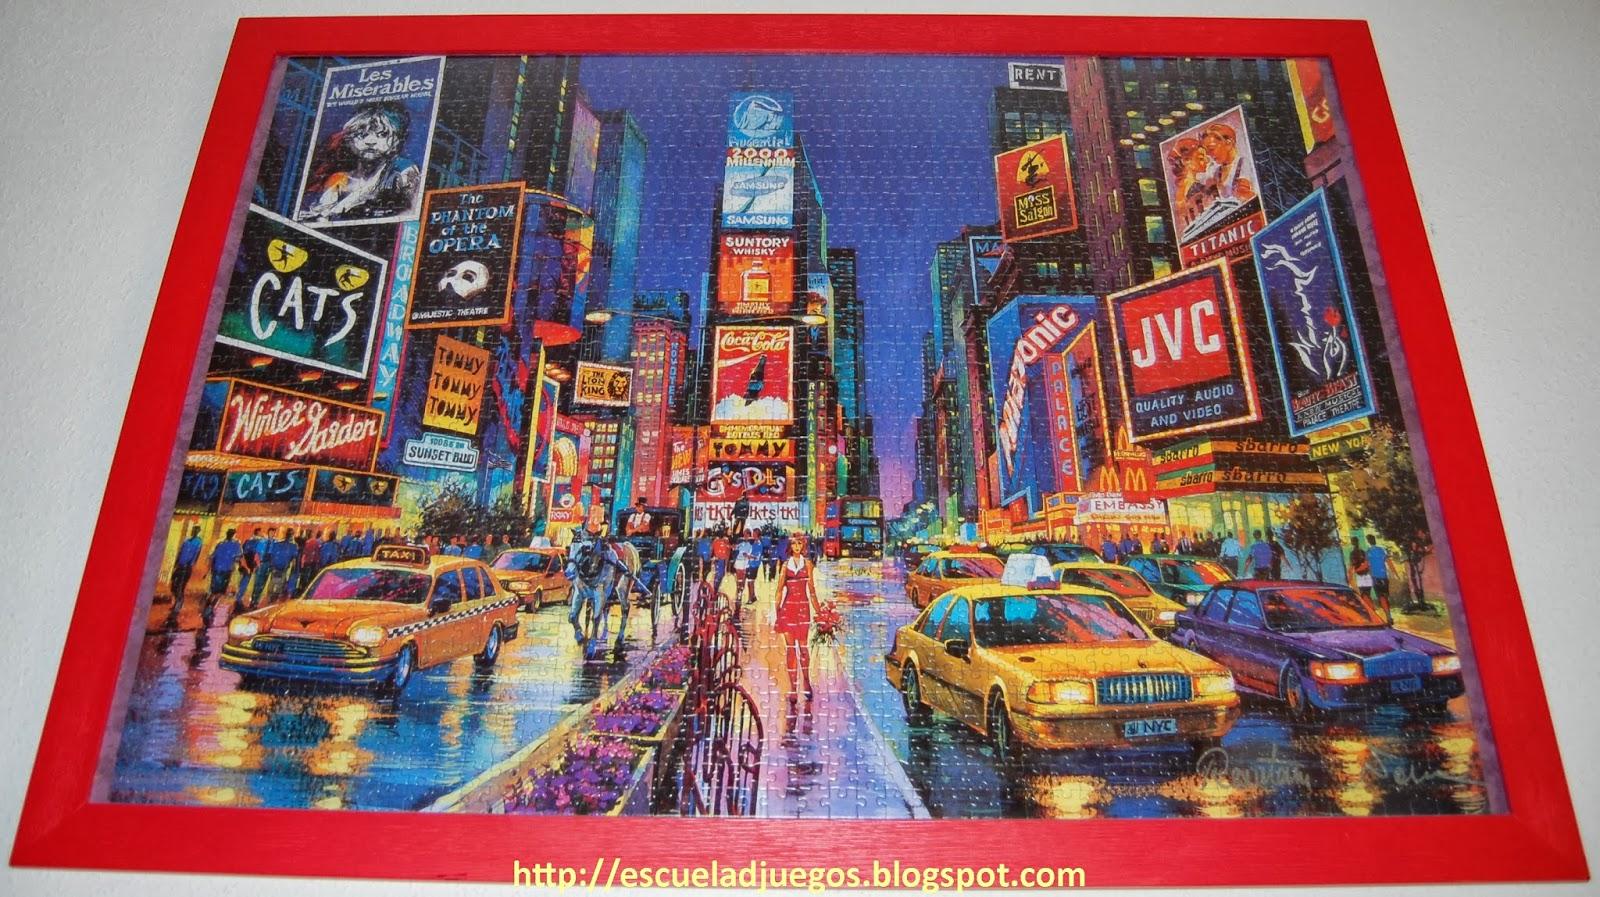 Puzzle de 2000 piezas de Educa con una pintura de Times Square